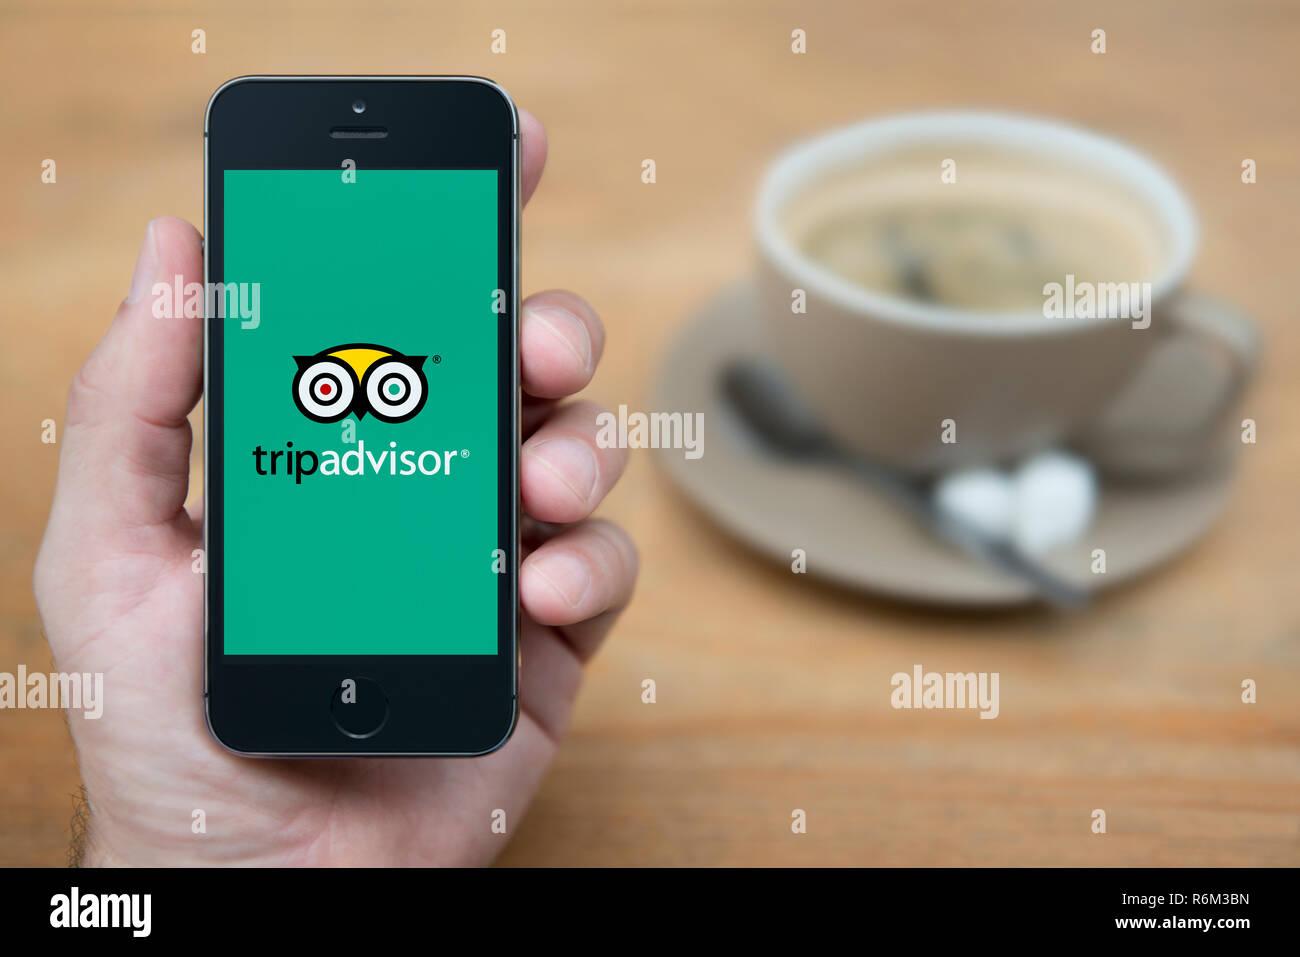 Un uomo guarda al suo iPhone che visualizza il Trip Advisor logo (solo uso editoriale). Immagini Stock